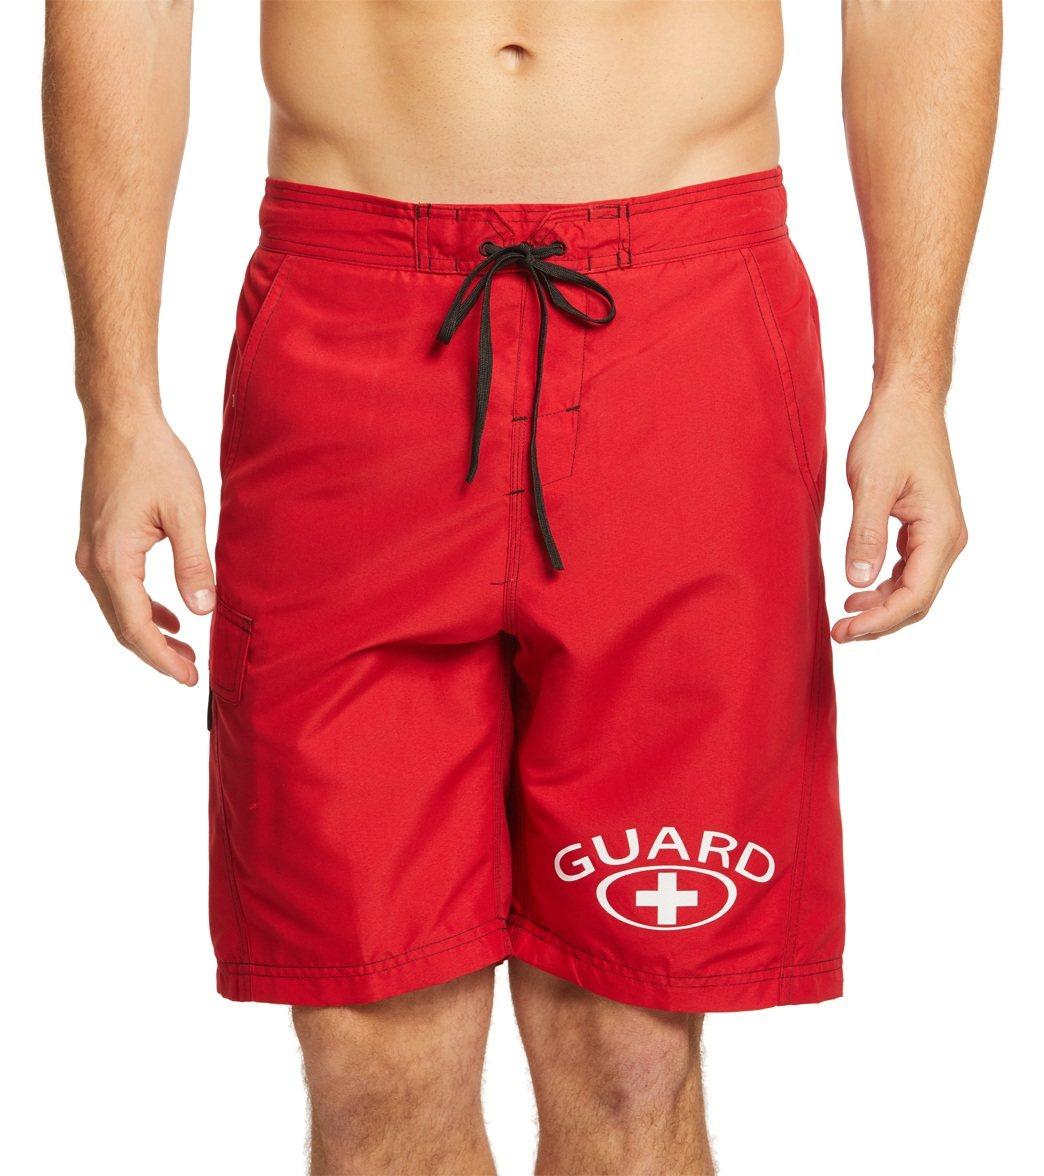 Waterpro Men's Lifeguard Cargo Trunk Swimsuit